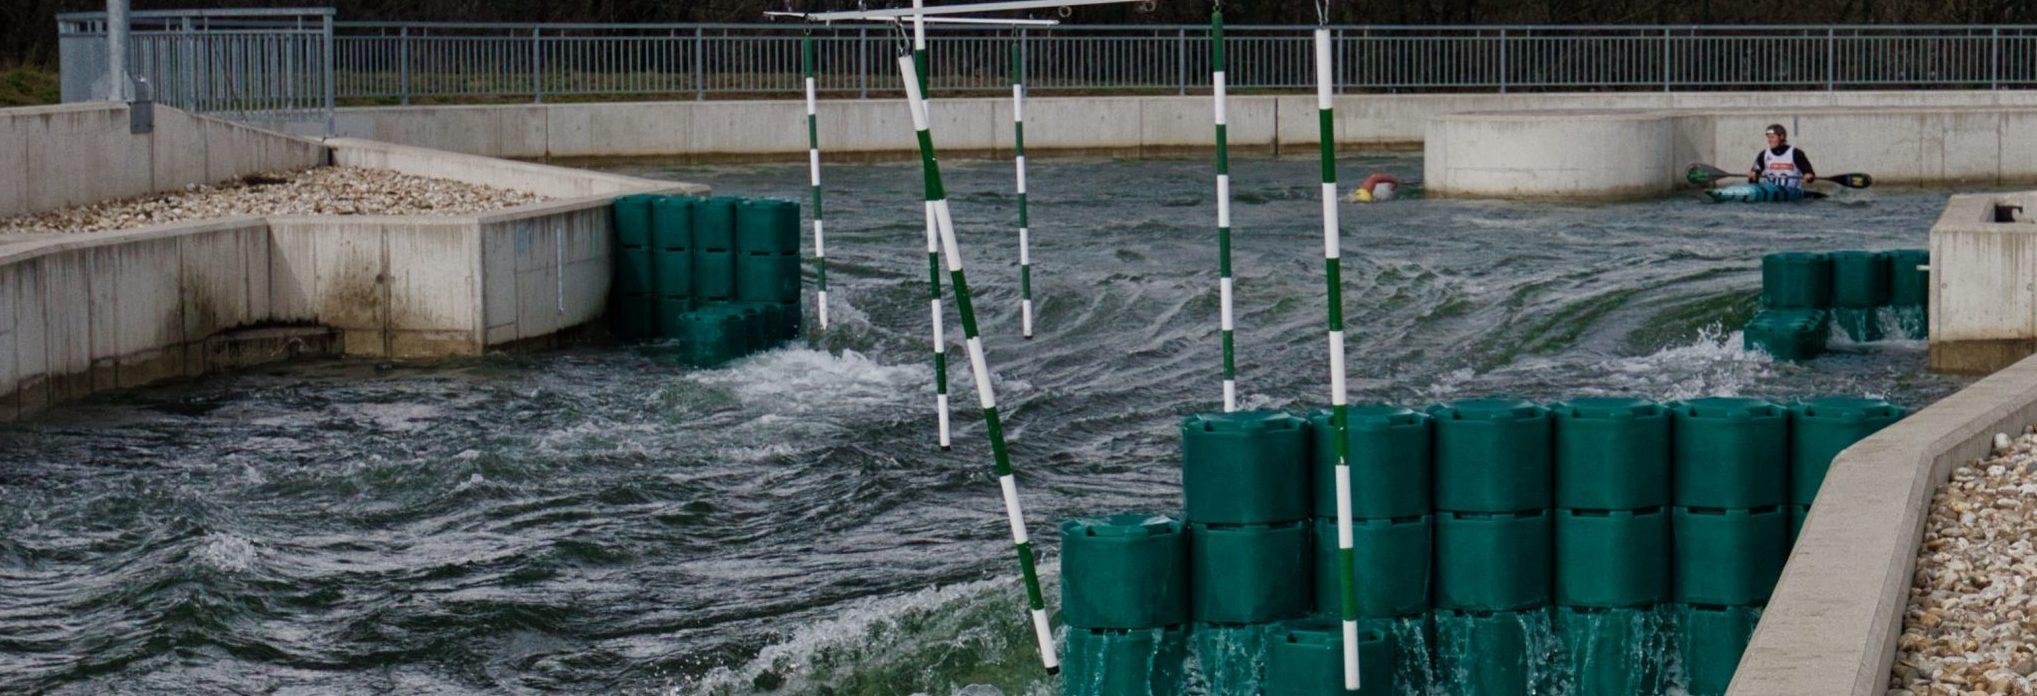 """Den Wildwasserkanal auf der Wiener Donauinsel nutzen bisher fast ausschließlich Kajakfahrer und Rafter. Aber nicht mehr lange, denn die Devise heißt """"swim the channel""""."""